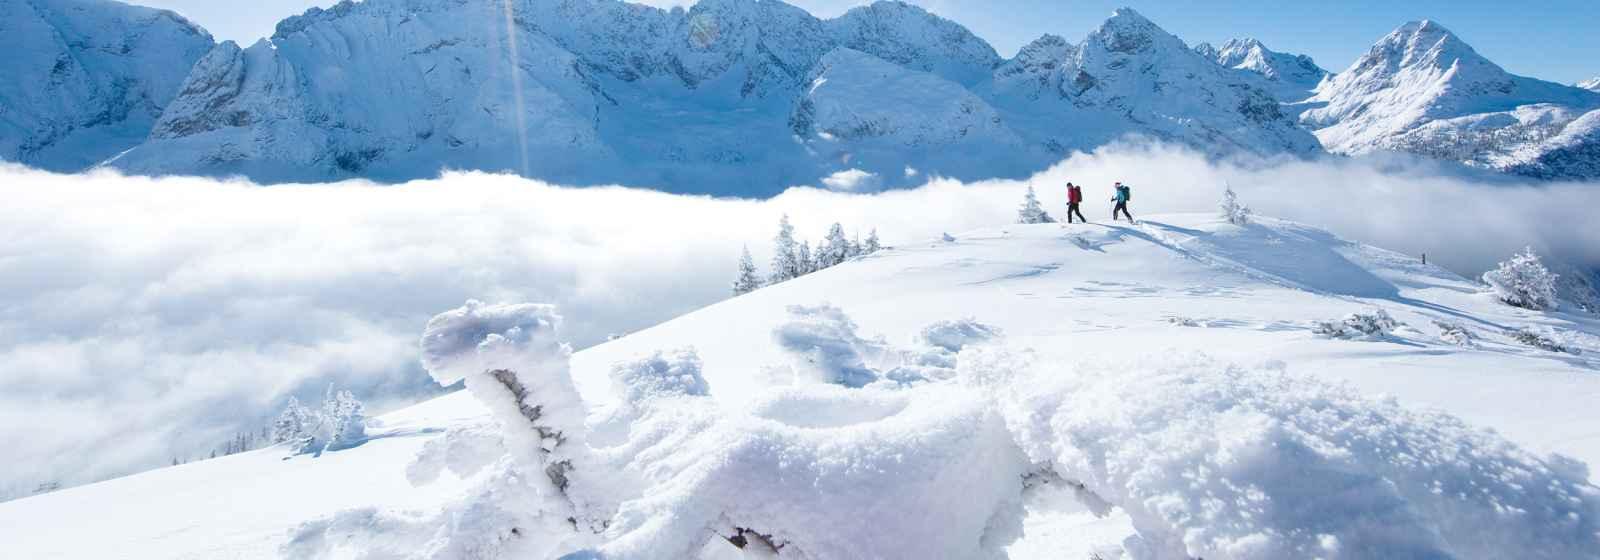 Schneeschuhtour zum Gatterl, Wetterstein Gebirge, Tirol, Österreich